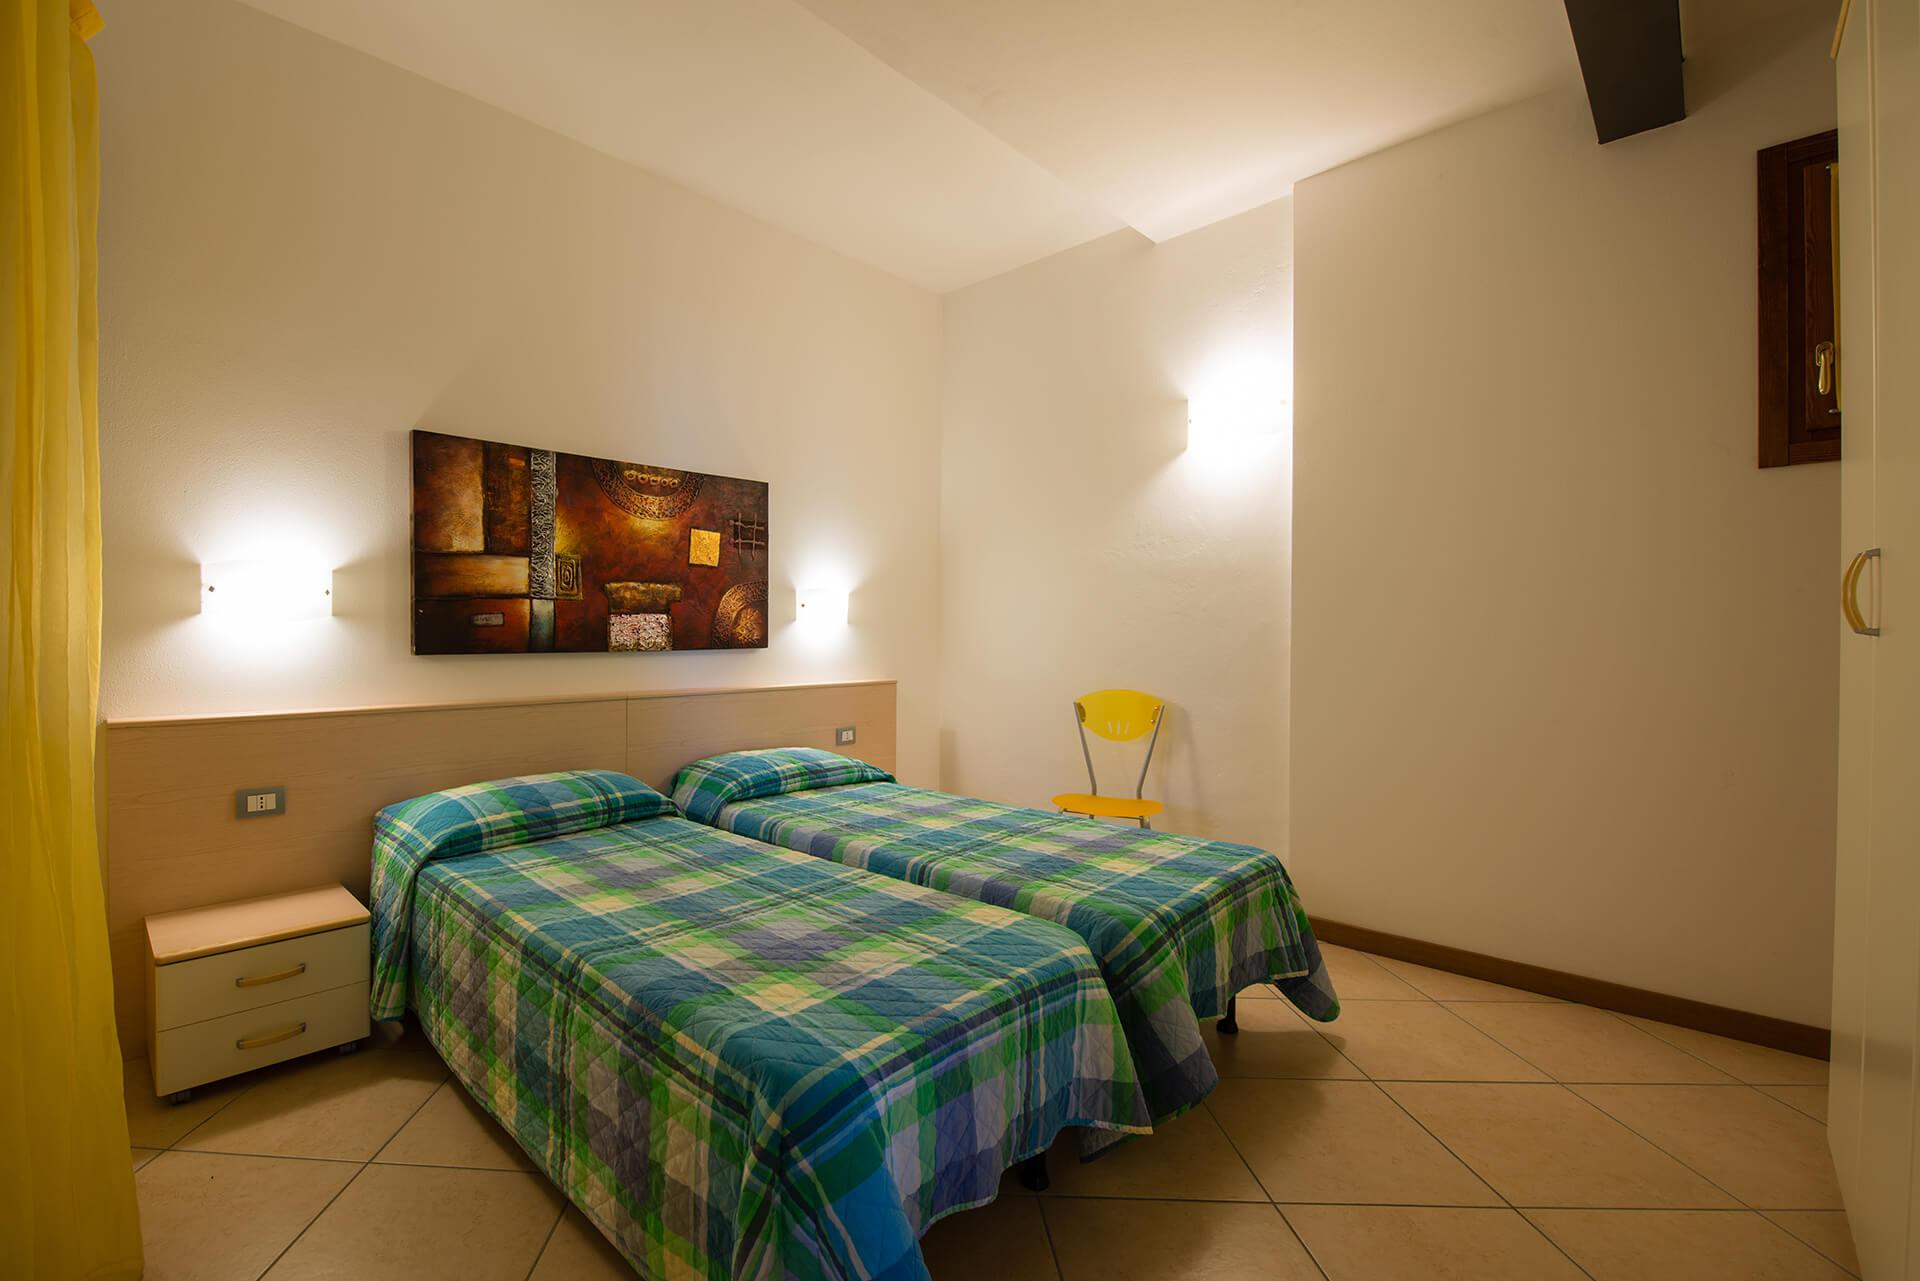 appartamento-b-canevini-camera-2